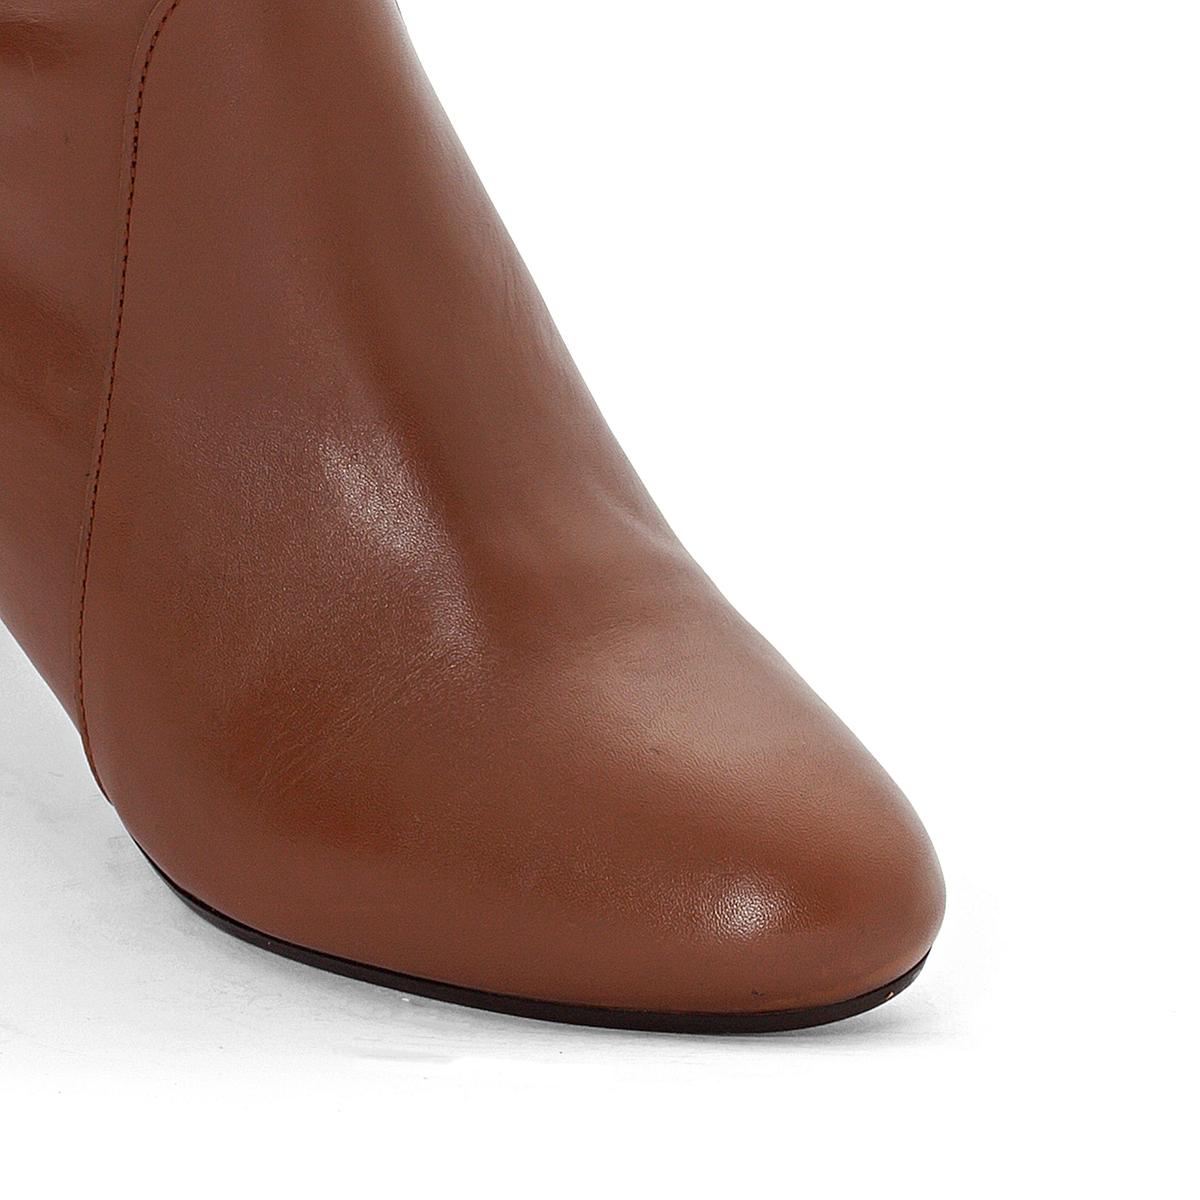 Ботинки кожаные ChelseaПодкладка : Кожа.      Стелька : Каучук.     Подошва : Каучук.     Форма каблука : Плоский каблук     Мысок : Закругленный     Застежка : без застежки<br><br>Цвет: каштановый<br>Размер: 37